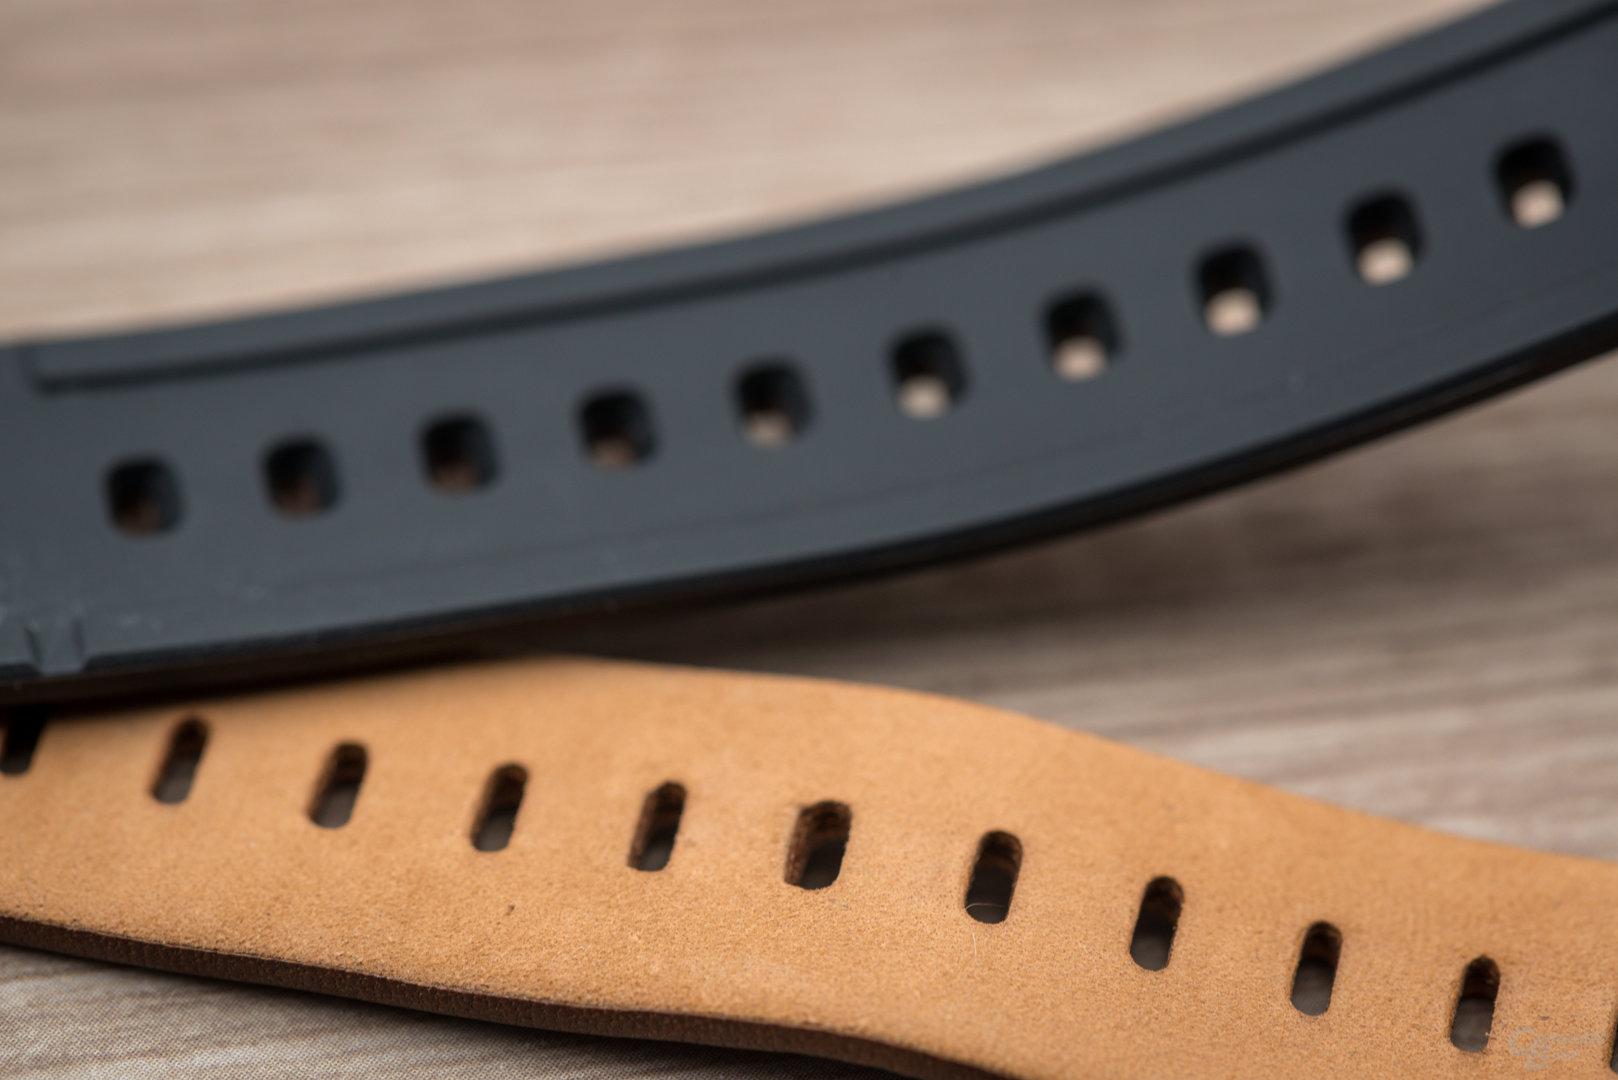 Huawei Watch GT: Lederarmband im Vergleich zur Garmin Vívomove HR